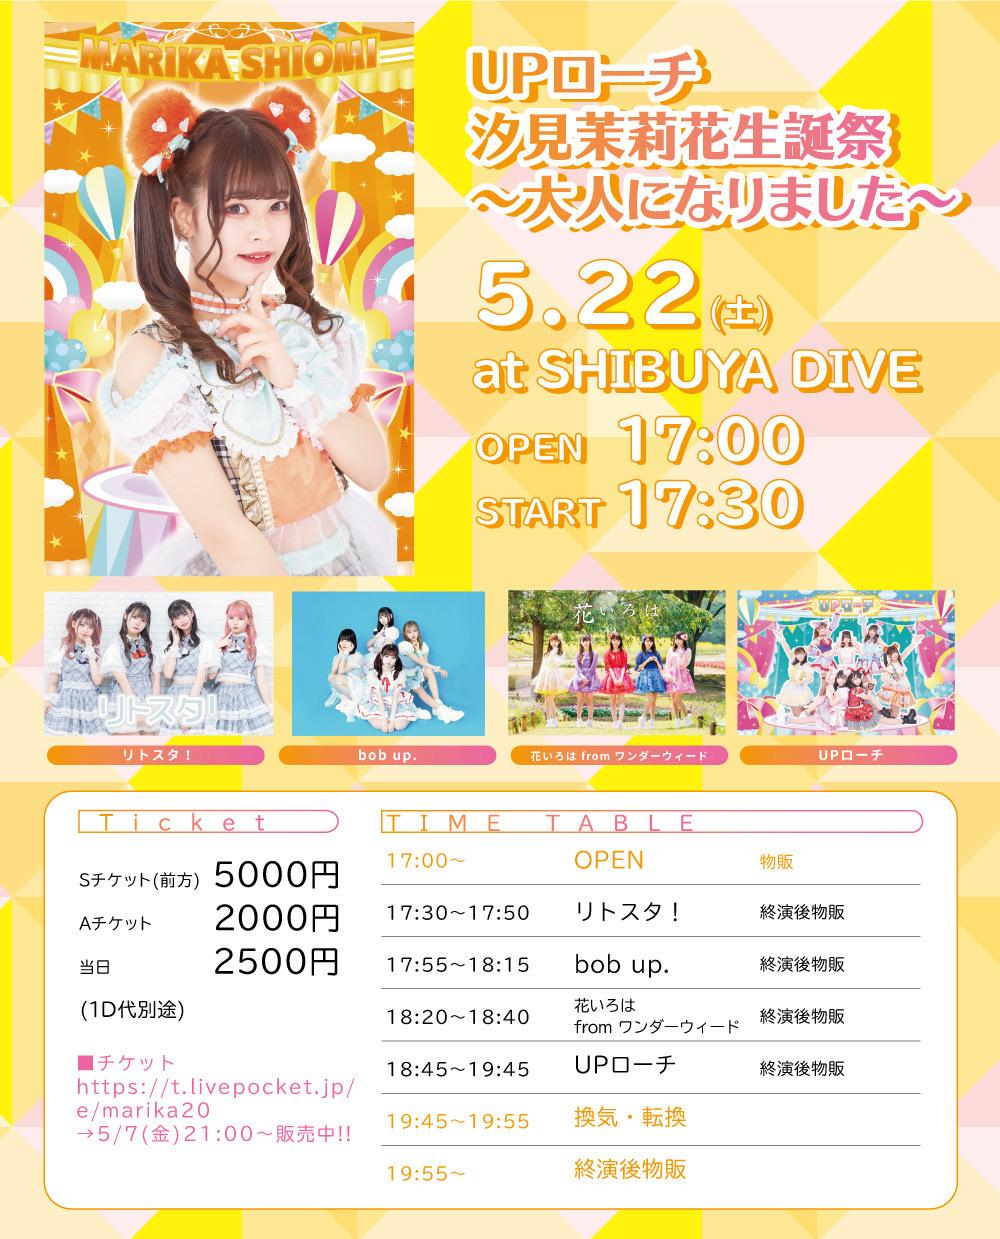 2021/5/22(土) 『UPローチ 汐見茉莉花生誕祭 ~大人になりました~』@SHIBUYA DIVE